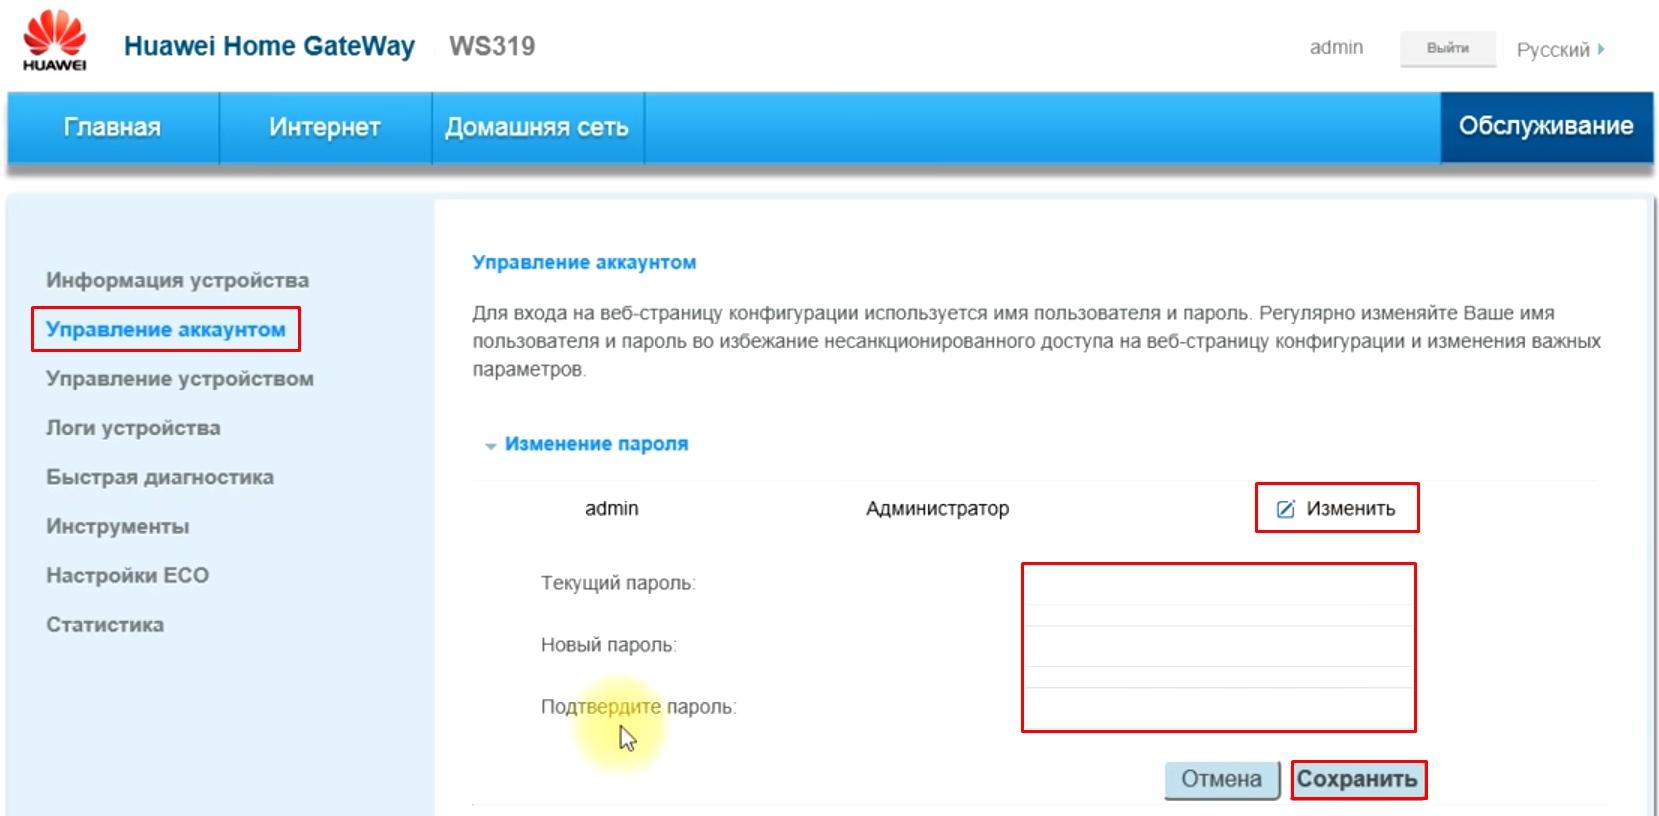 Настройка роутера Huawei WS319: от подключения до прошивки